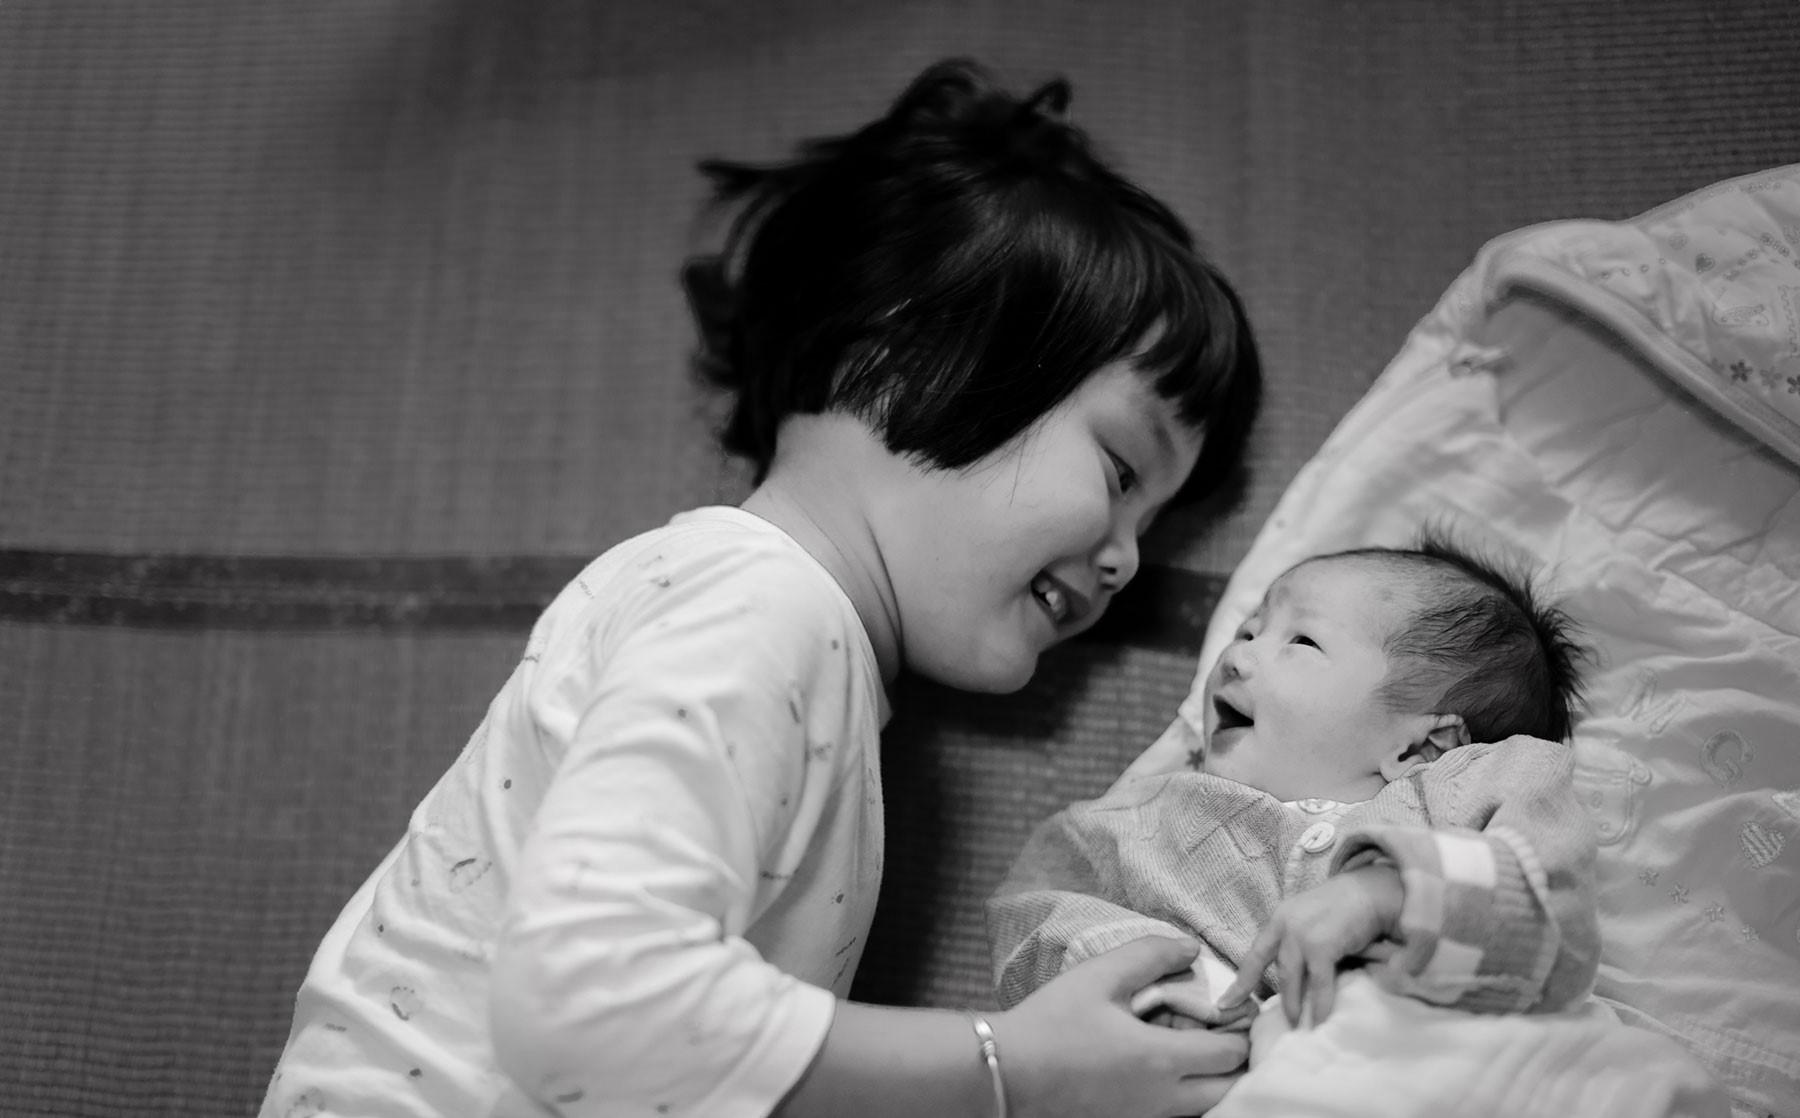 南平市第一医院神经外科-陈文培-《姐弟俩》